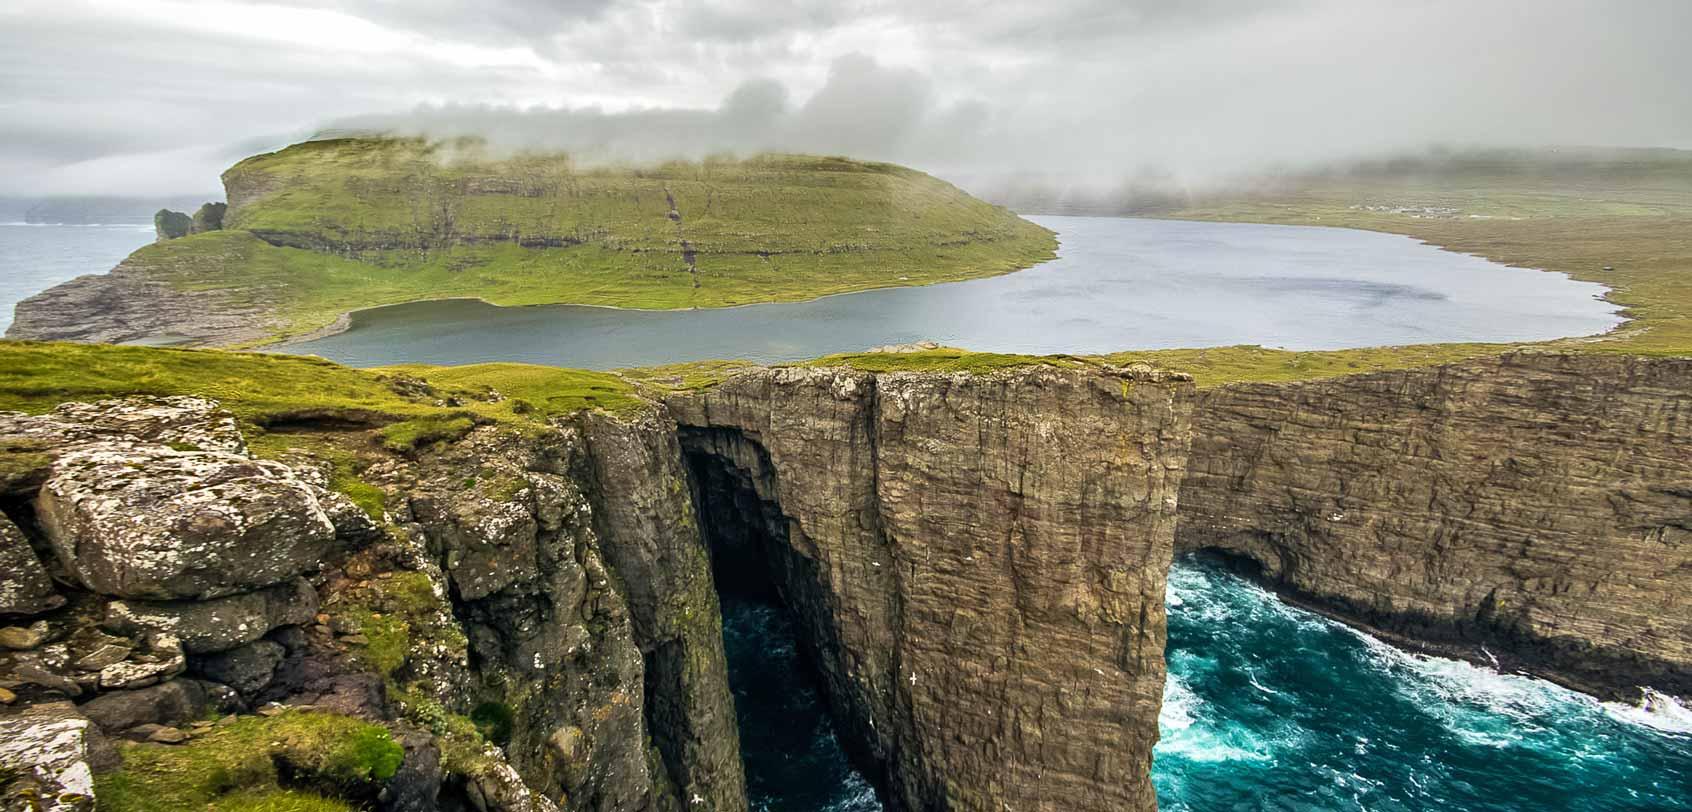 法罗群岛的行程和旅行指南:5天